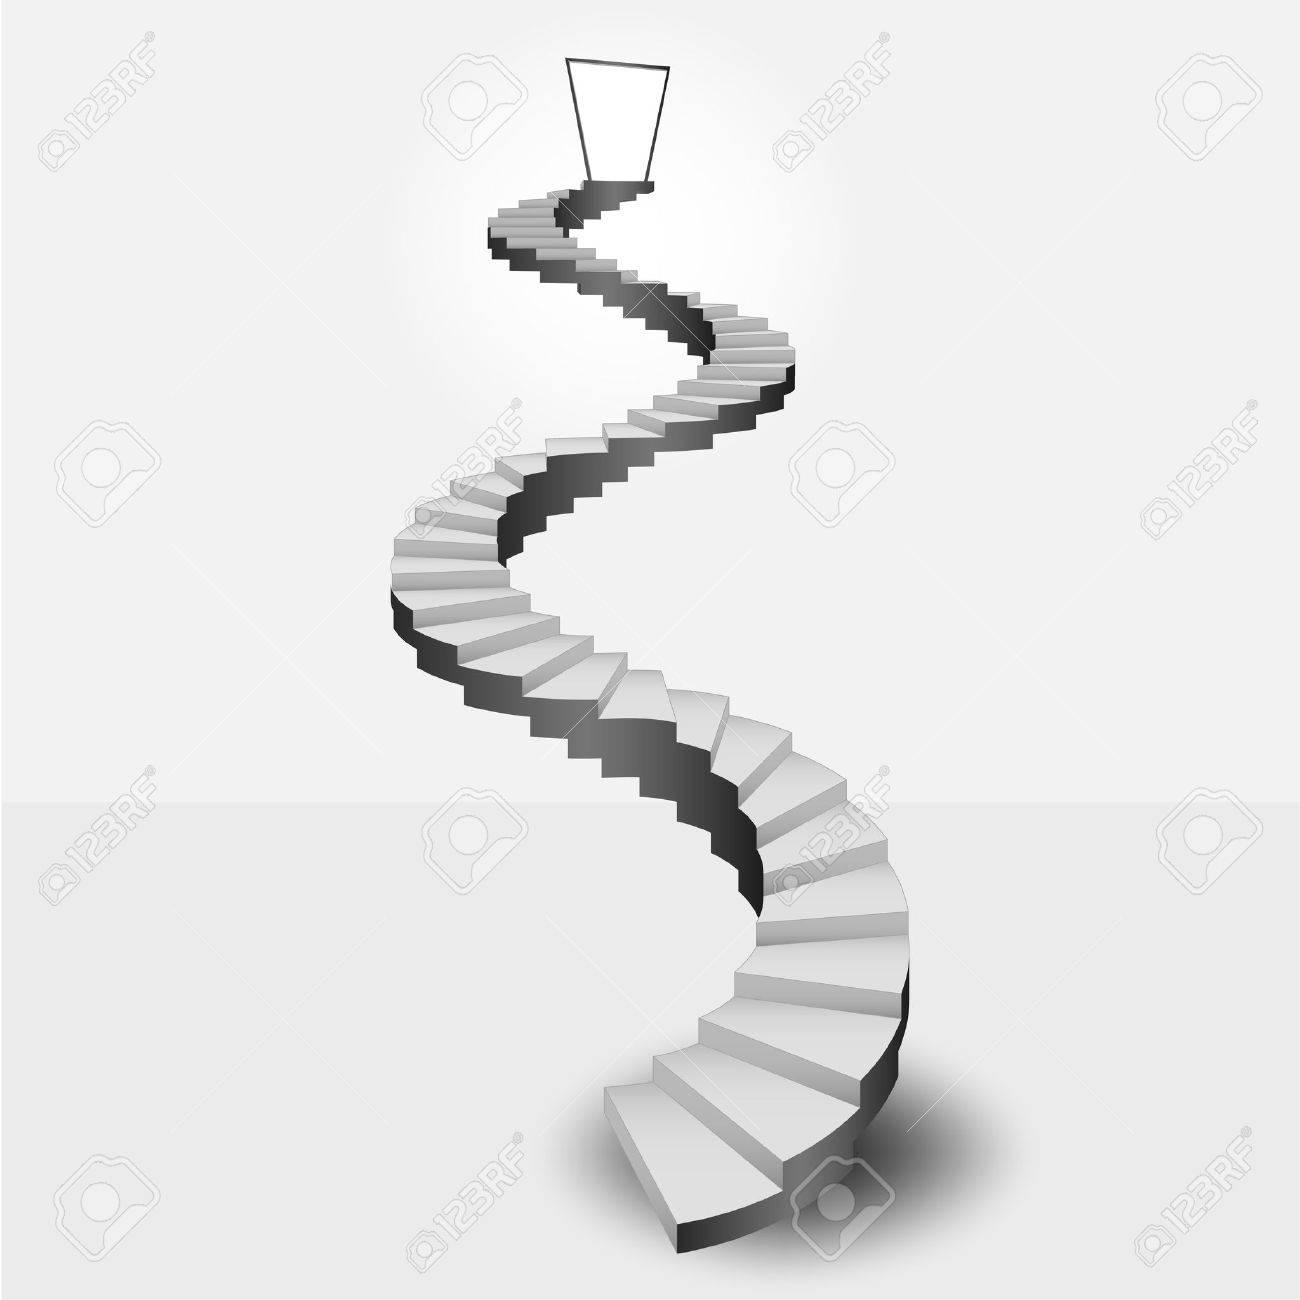 circular stairway leading to heaven door vector illustration - 31046161